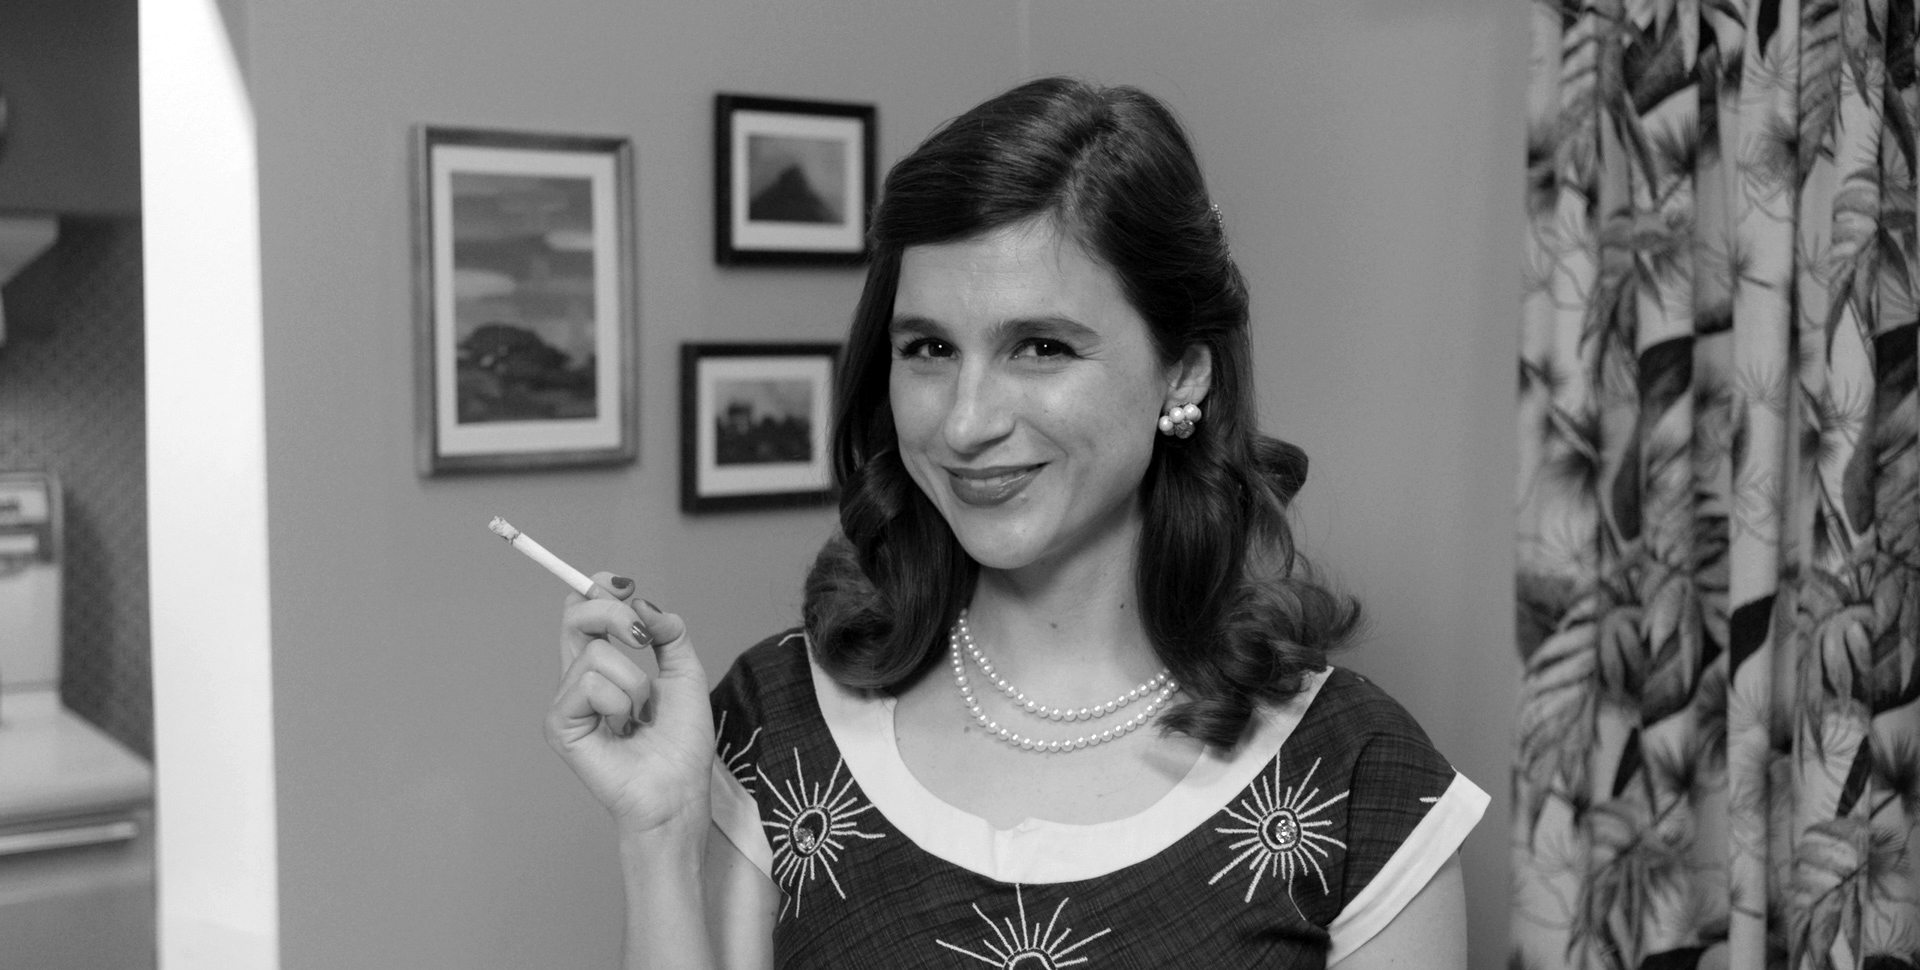 https://mdfilmfest.com/wp-content/uploads/1.-Queen-of-Meatloaf_Aya-CU-smile-with-cig-Dina-Fiasconaro.jpg